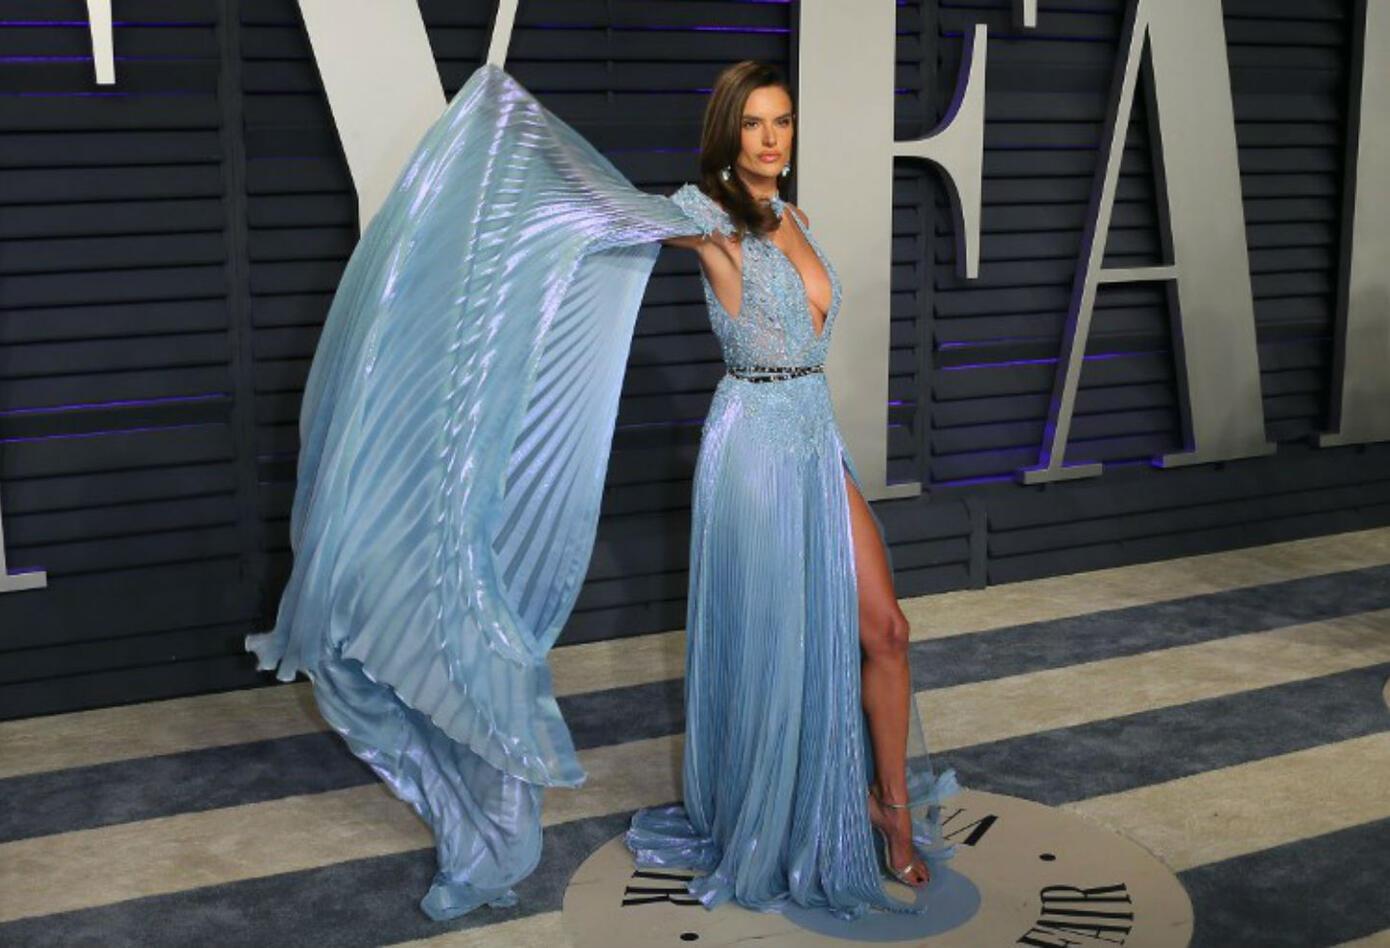 La modelo brasileña, Alessandra Ambrosio en la fiesta de Vanity Fair, posterior a los Premios Óscar